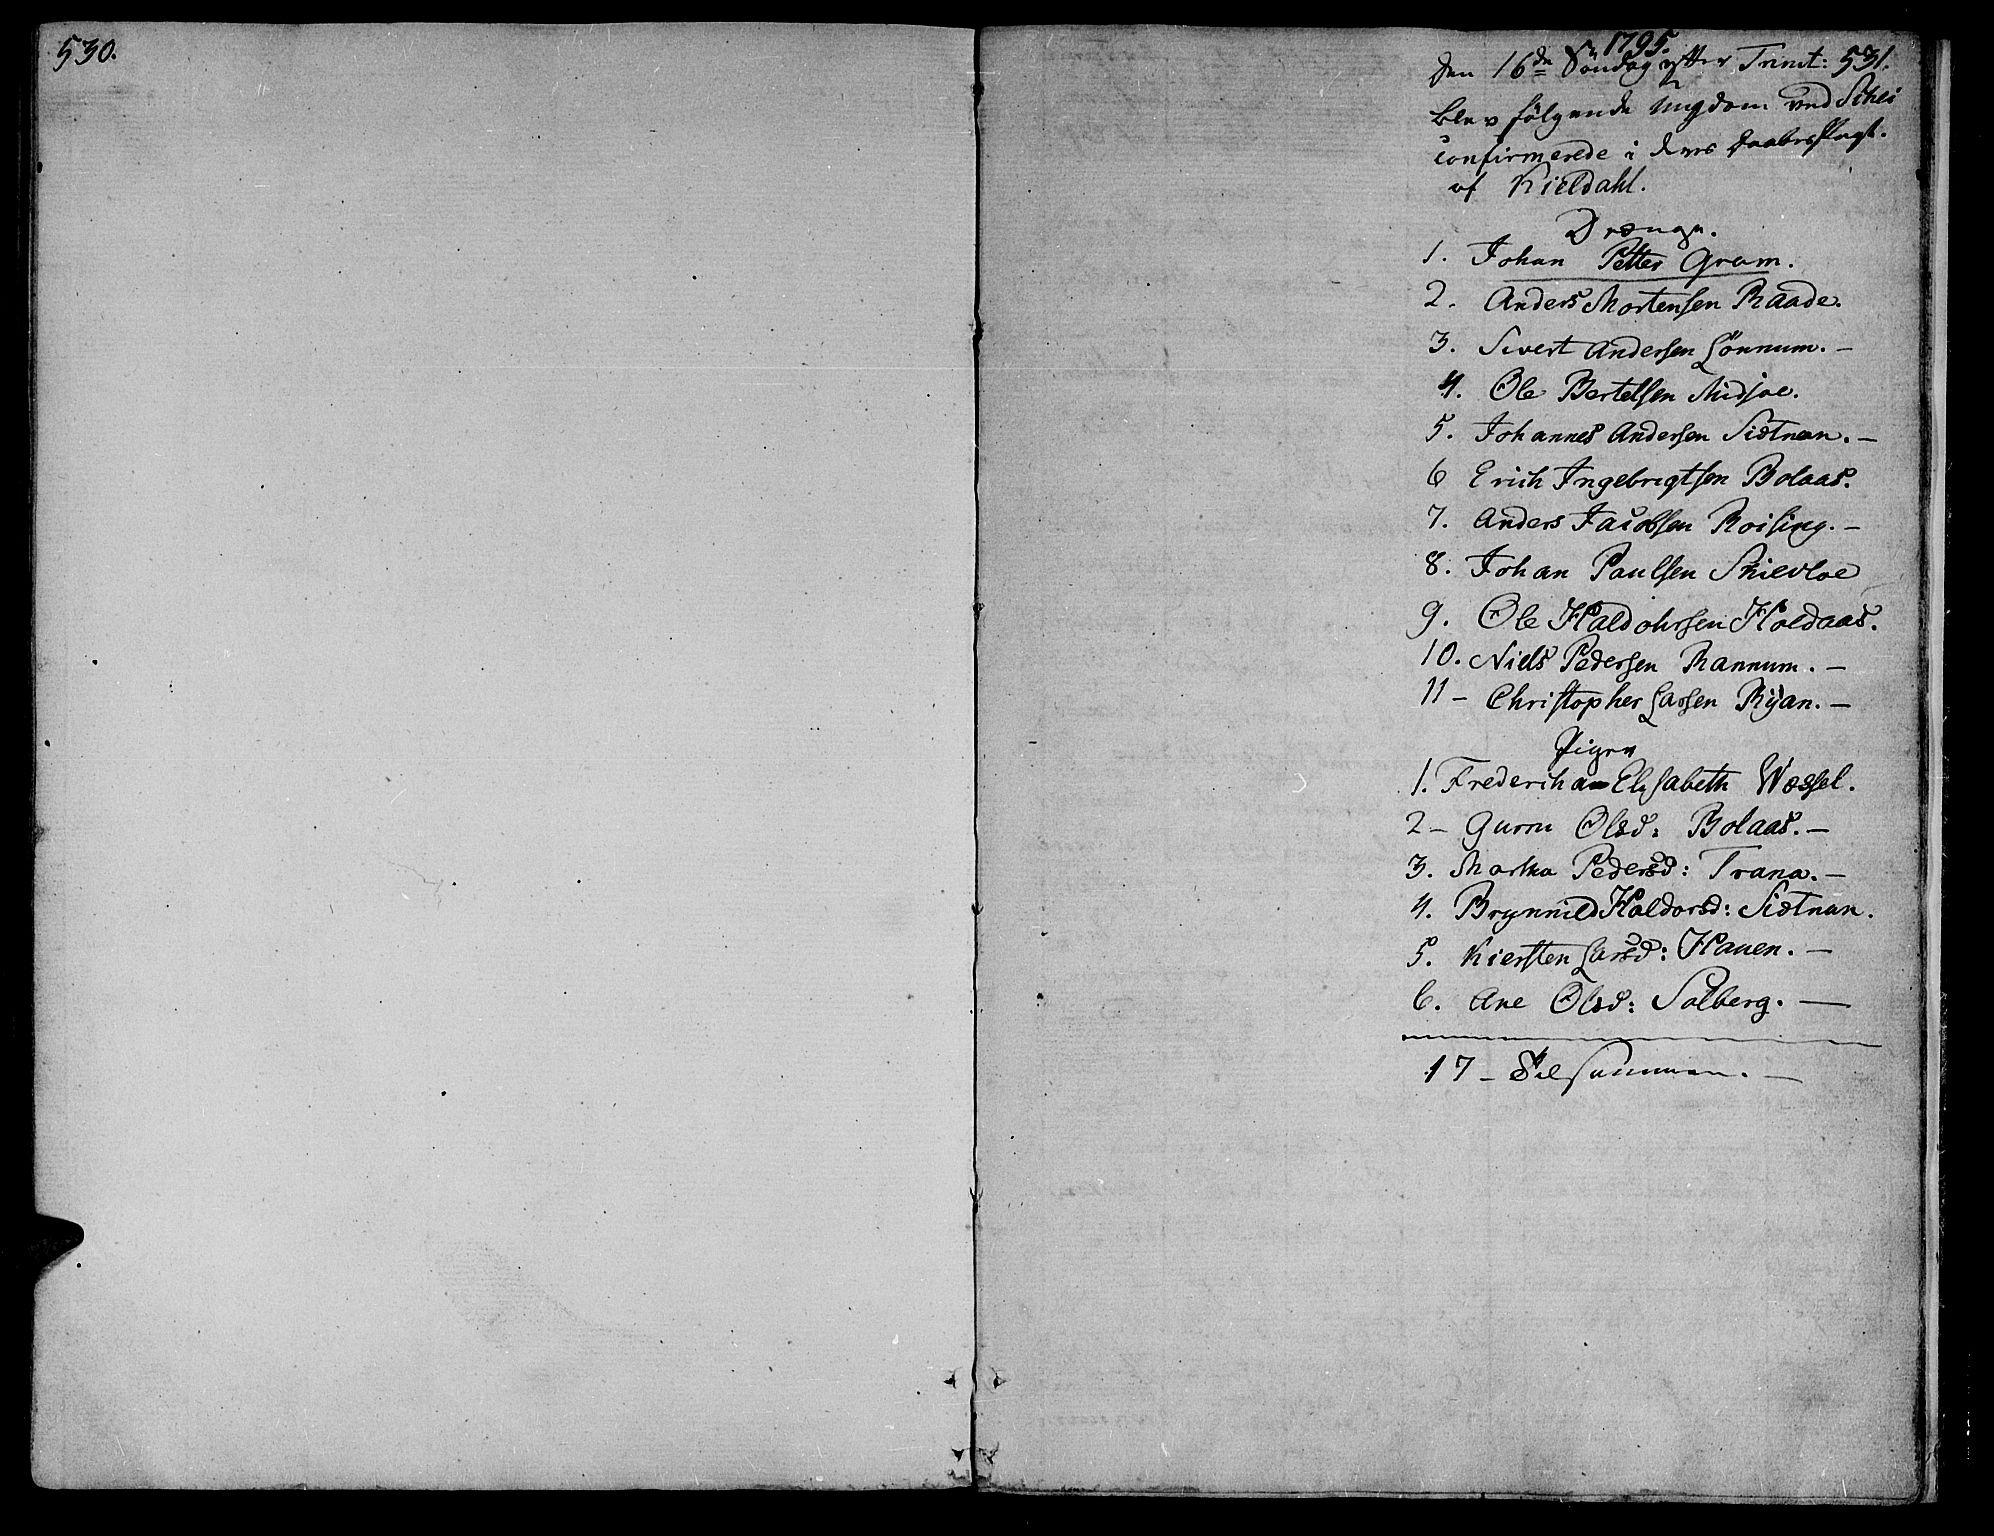 SAT, Ministerialprotokoller, klokkerbøker og fødselsregistre - Nord-Trøndelag, 735/L0332: Parish register (official) no. 735A03, 1795-1816, p. 530-531